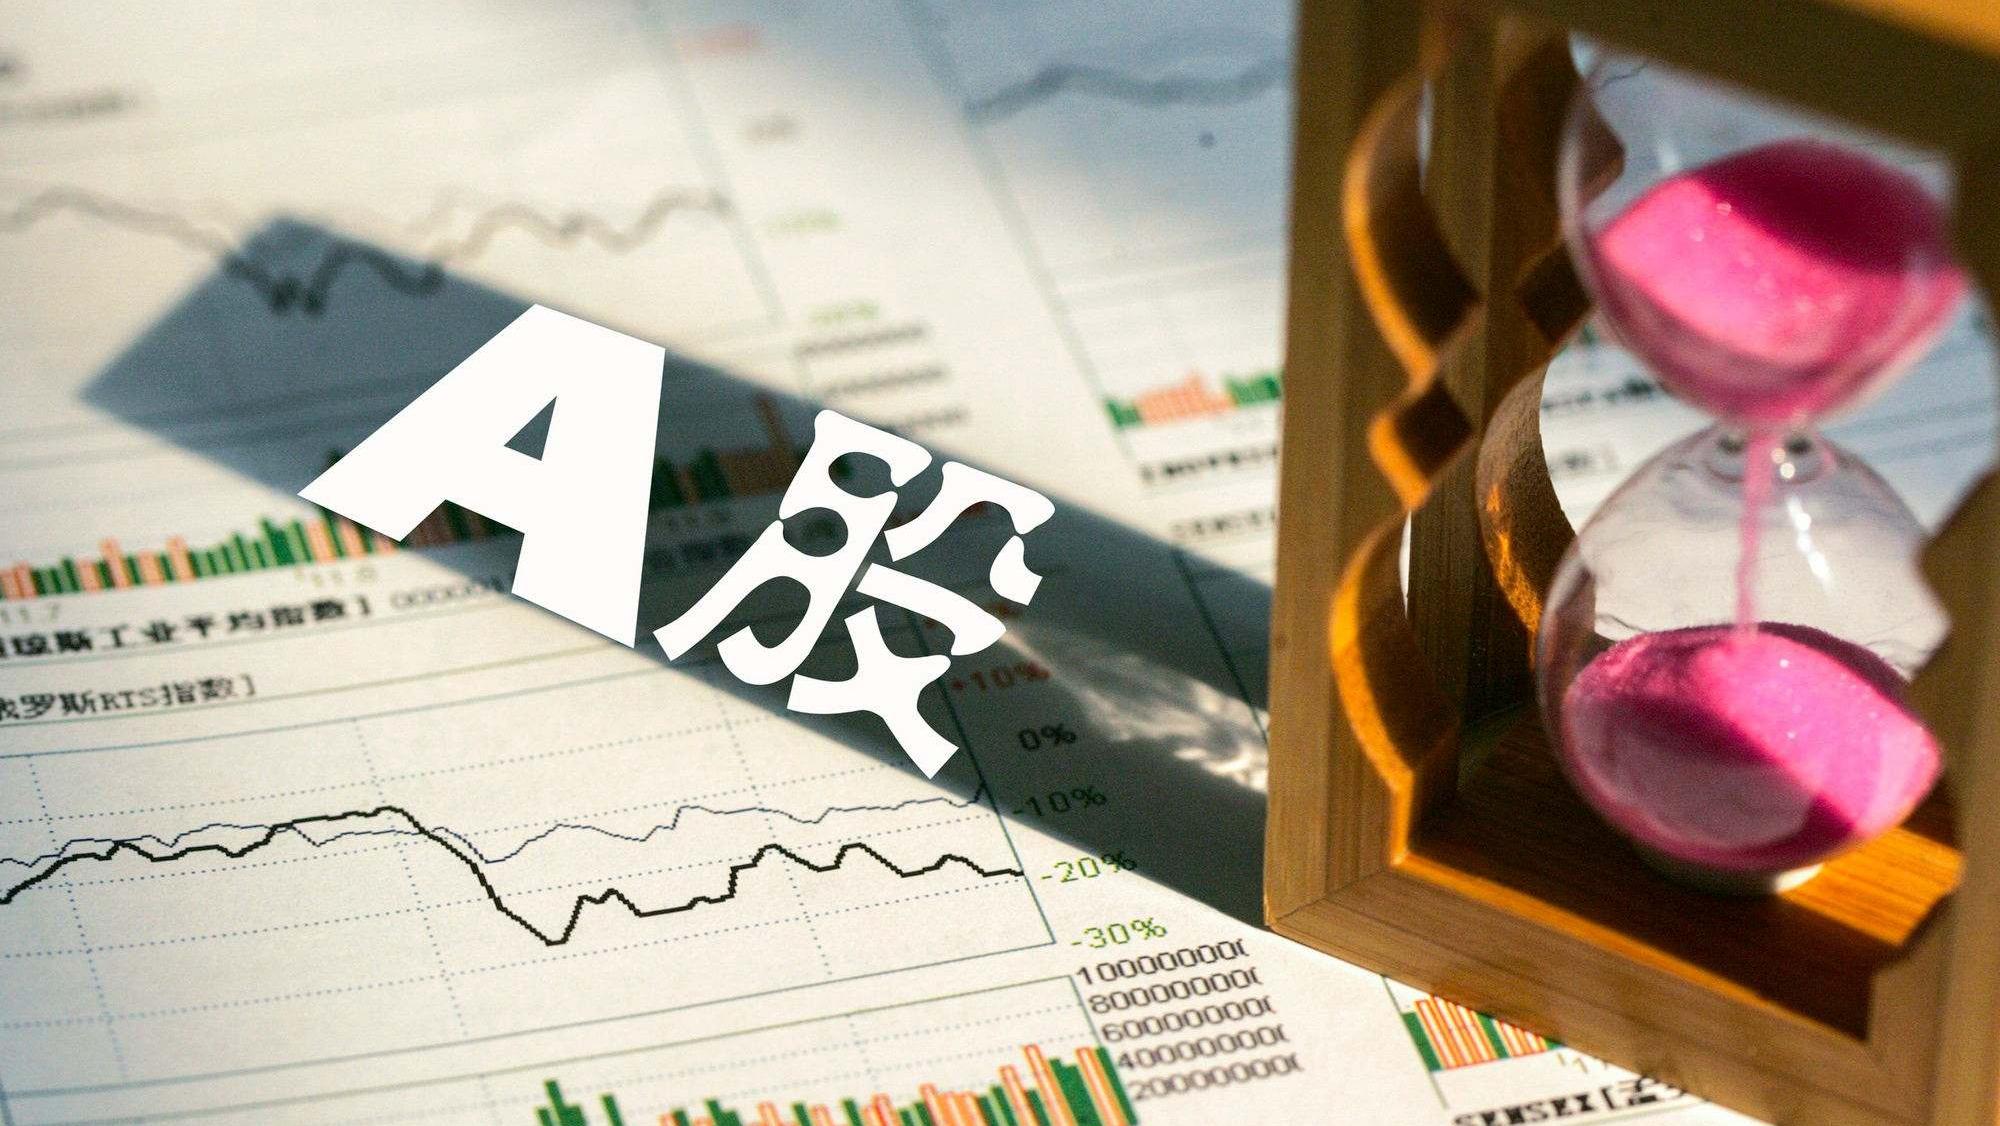 证监会:持续稳步推进新股发行常态化,缩短审核周期